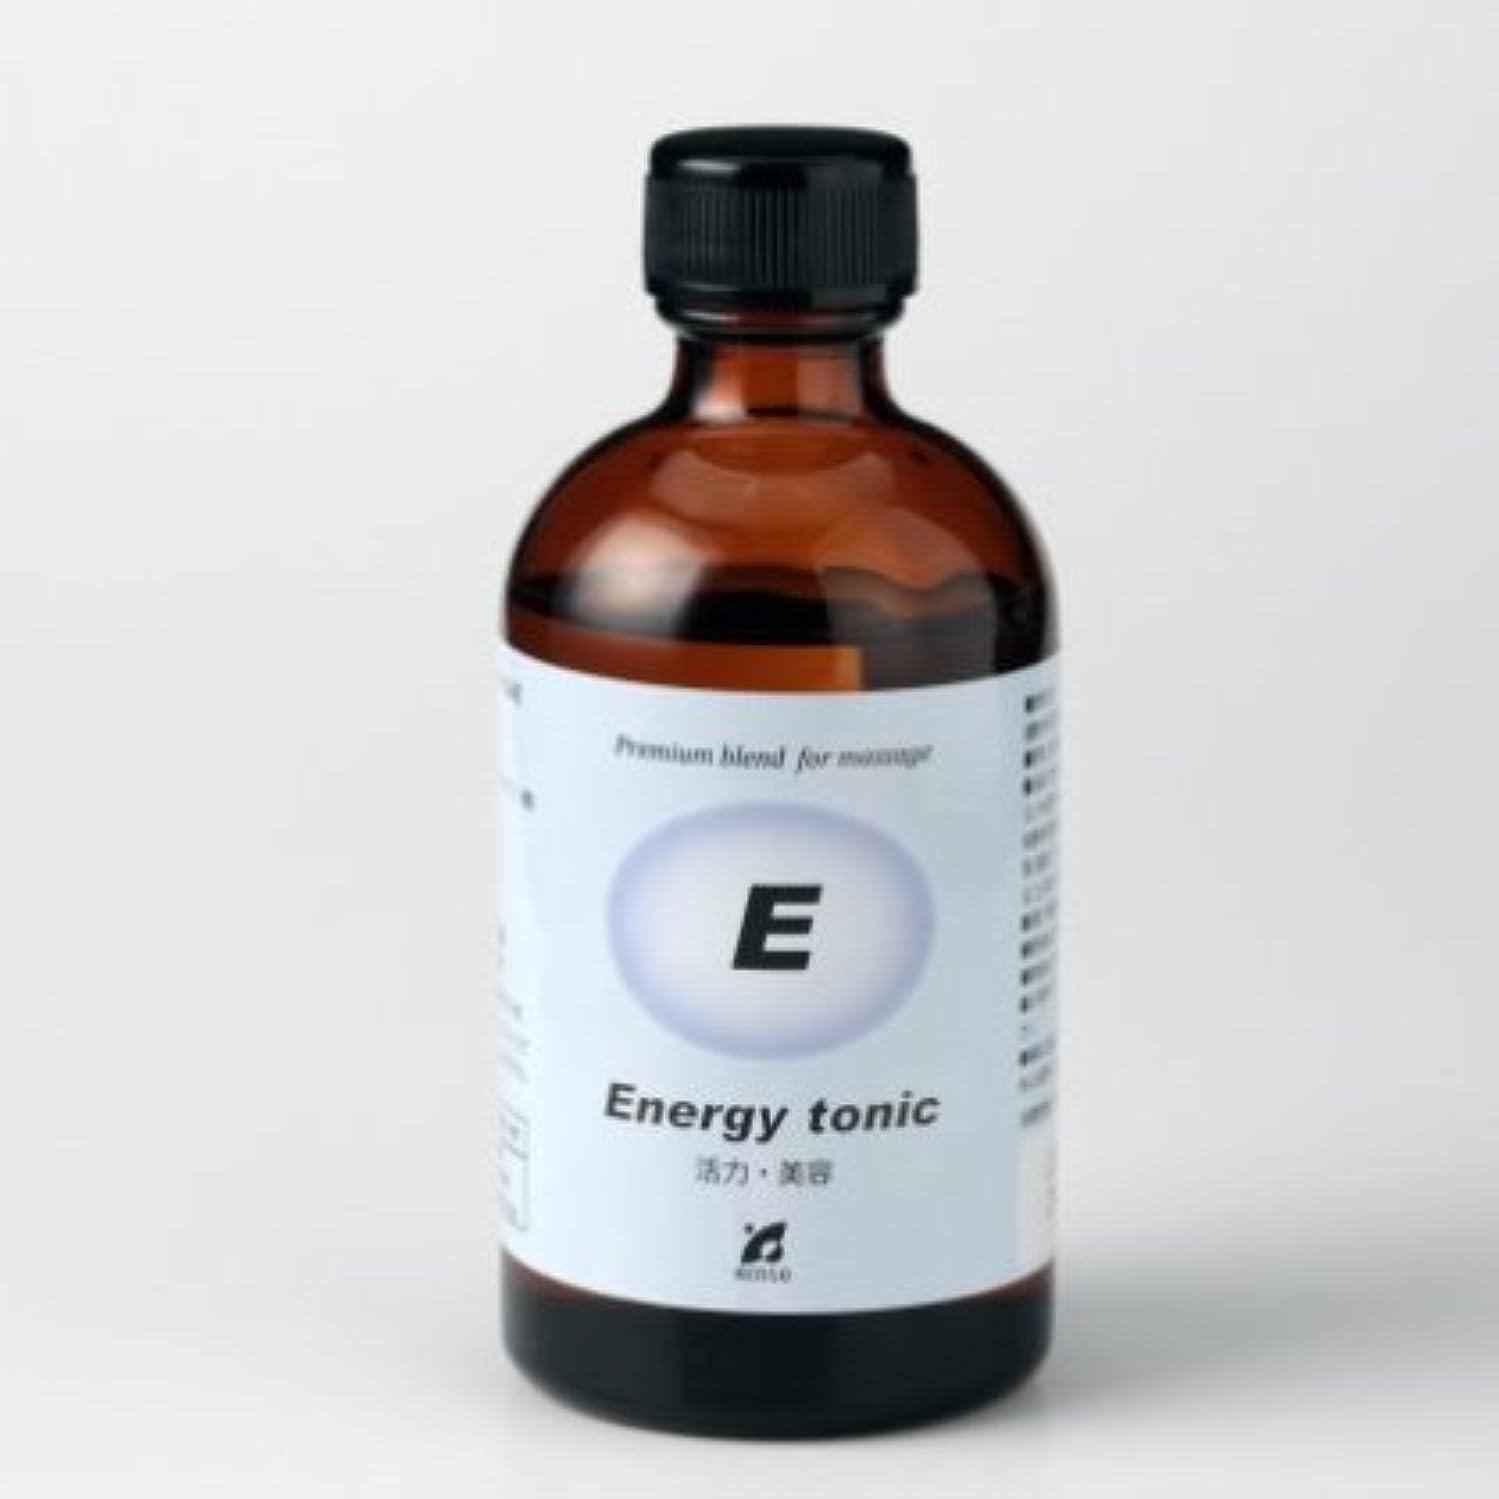 行為シンプルさ胚芽プラナロム社レシピ Eタイプマッサージオイル【美容と活力に】